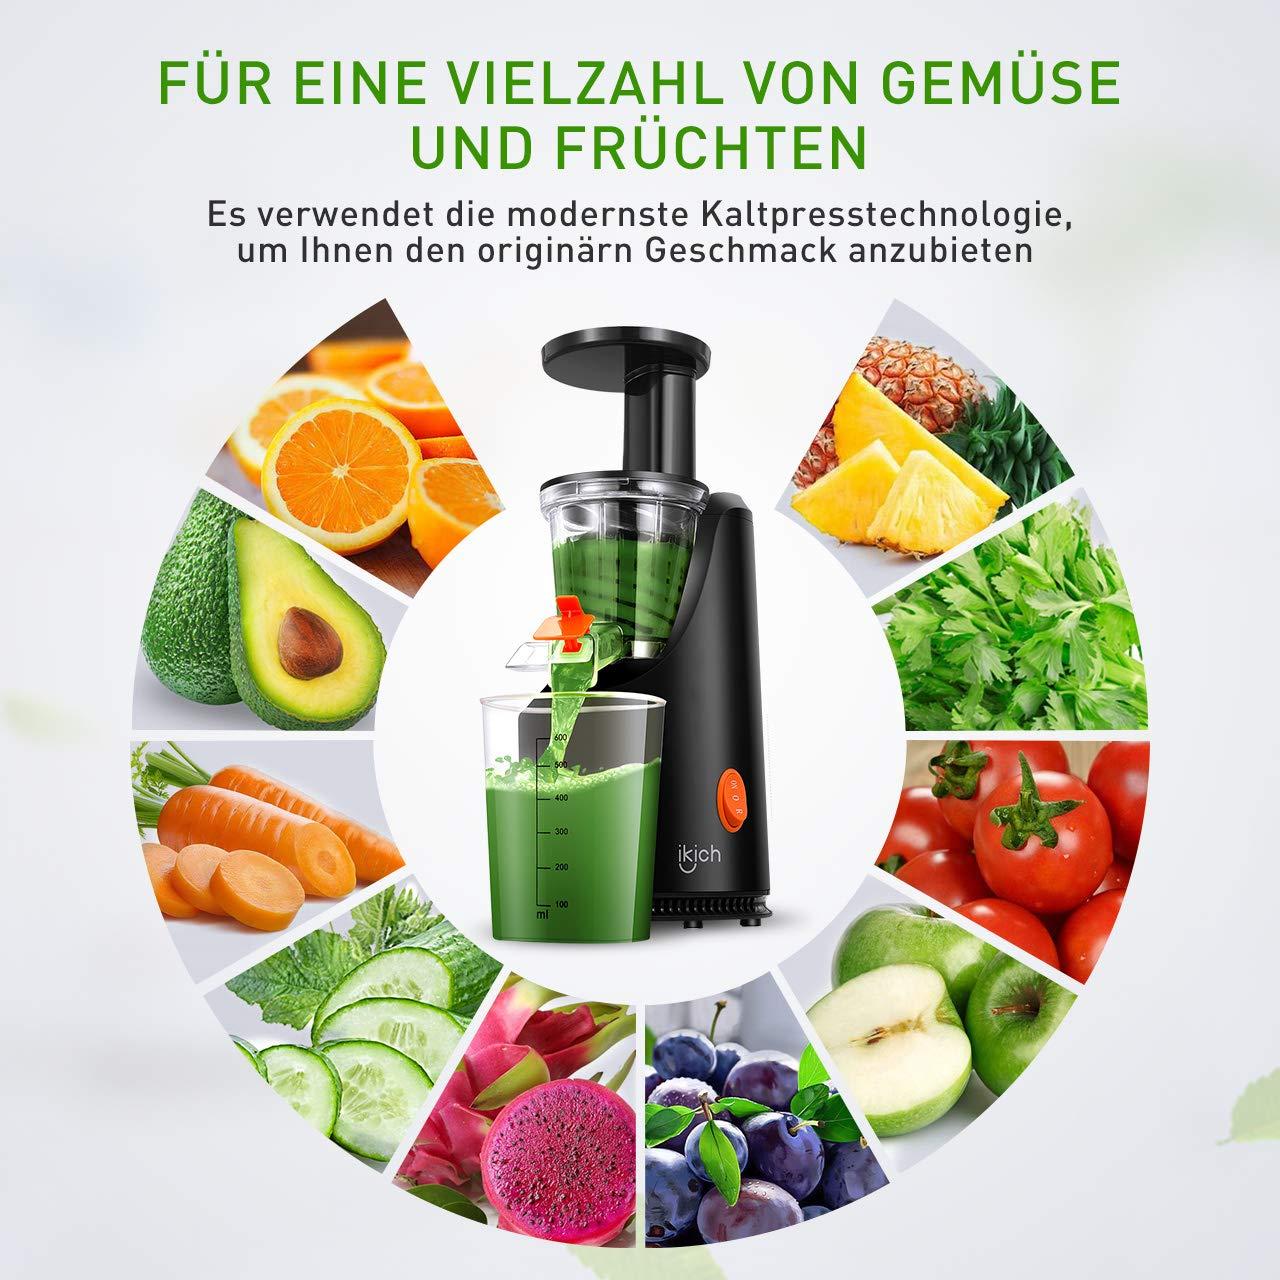 Slow Juicer IKICH Entsafter Kalt-Zitruspresse H/öherer Saftertrag Maximaler N/ährwert Frischere N/ährstoffe und Vitamine f/ür Obst und Gem/üse 1 Saftbecher 1 Saftschalebecher 1 Detailrezept 200 W Motor.